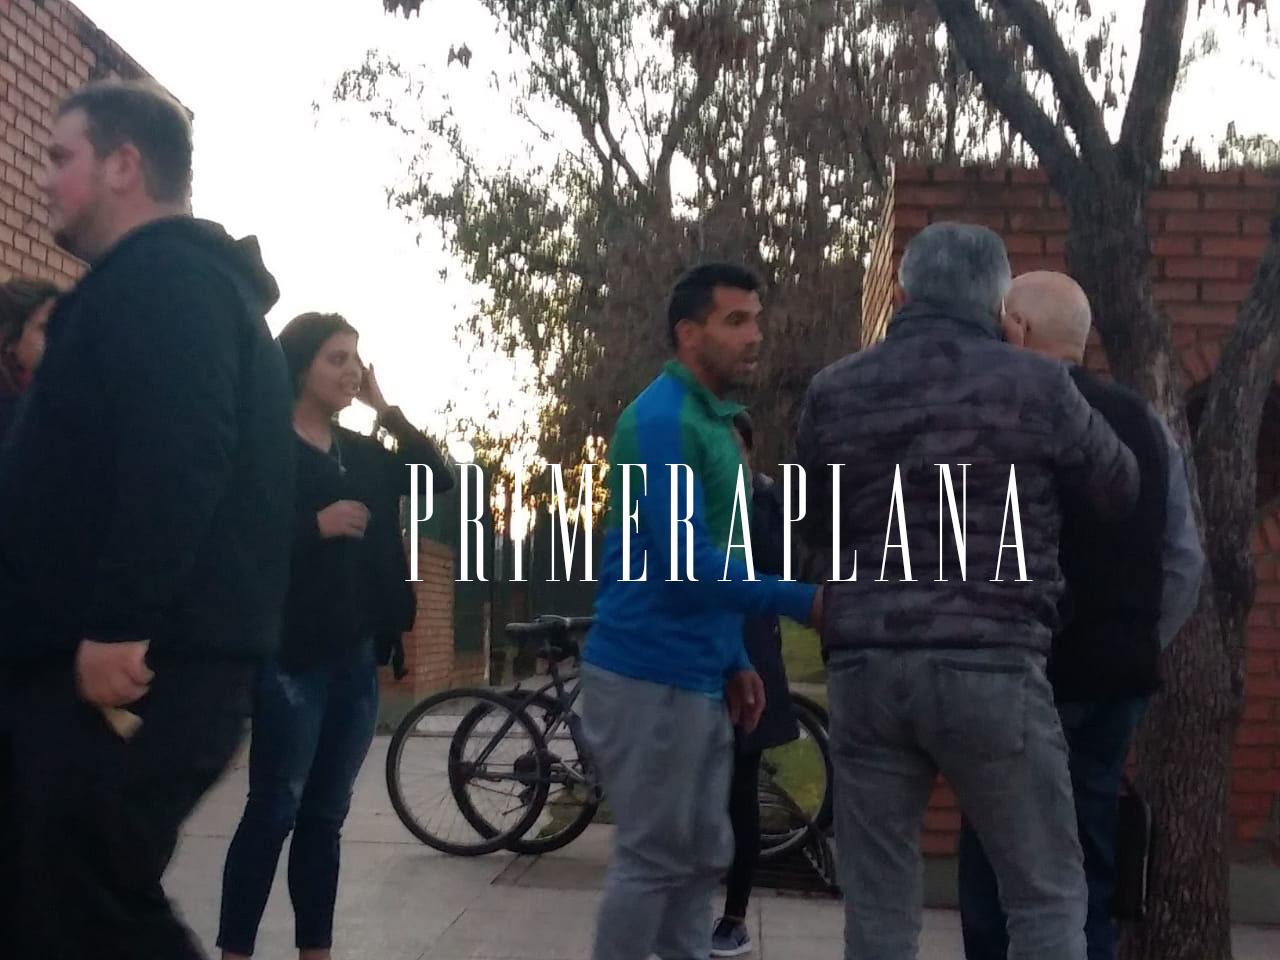 El reconocido jugador de Boca Juniors, Carlos Tevez, se hizo presente en la vecina ciudad de Pergamino el pasado jueves 7 de junio, para acompañar a su amigo, el presidente del club, Daniel Angelici y su familia, por la repentina muerte del primo del operador judicial macrista, Marcelo Braccia.